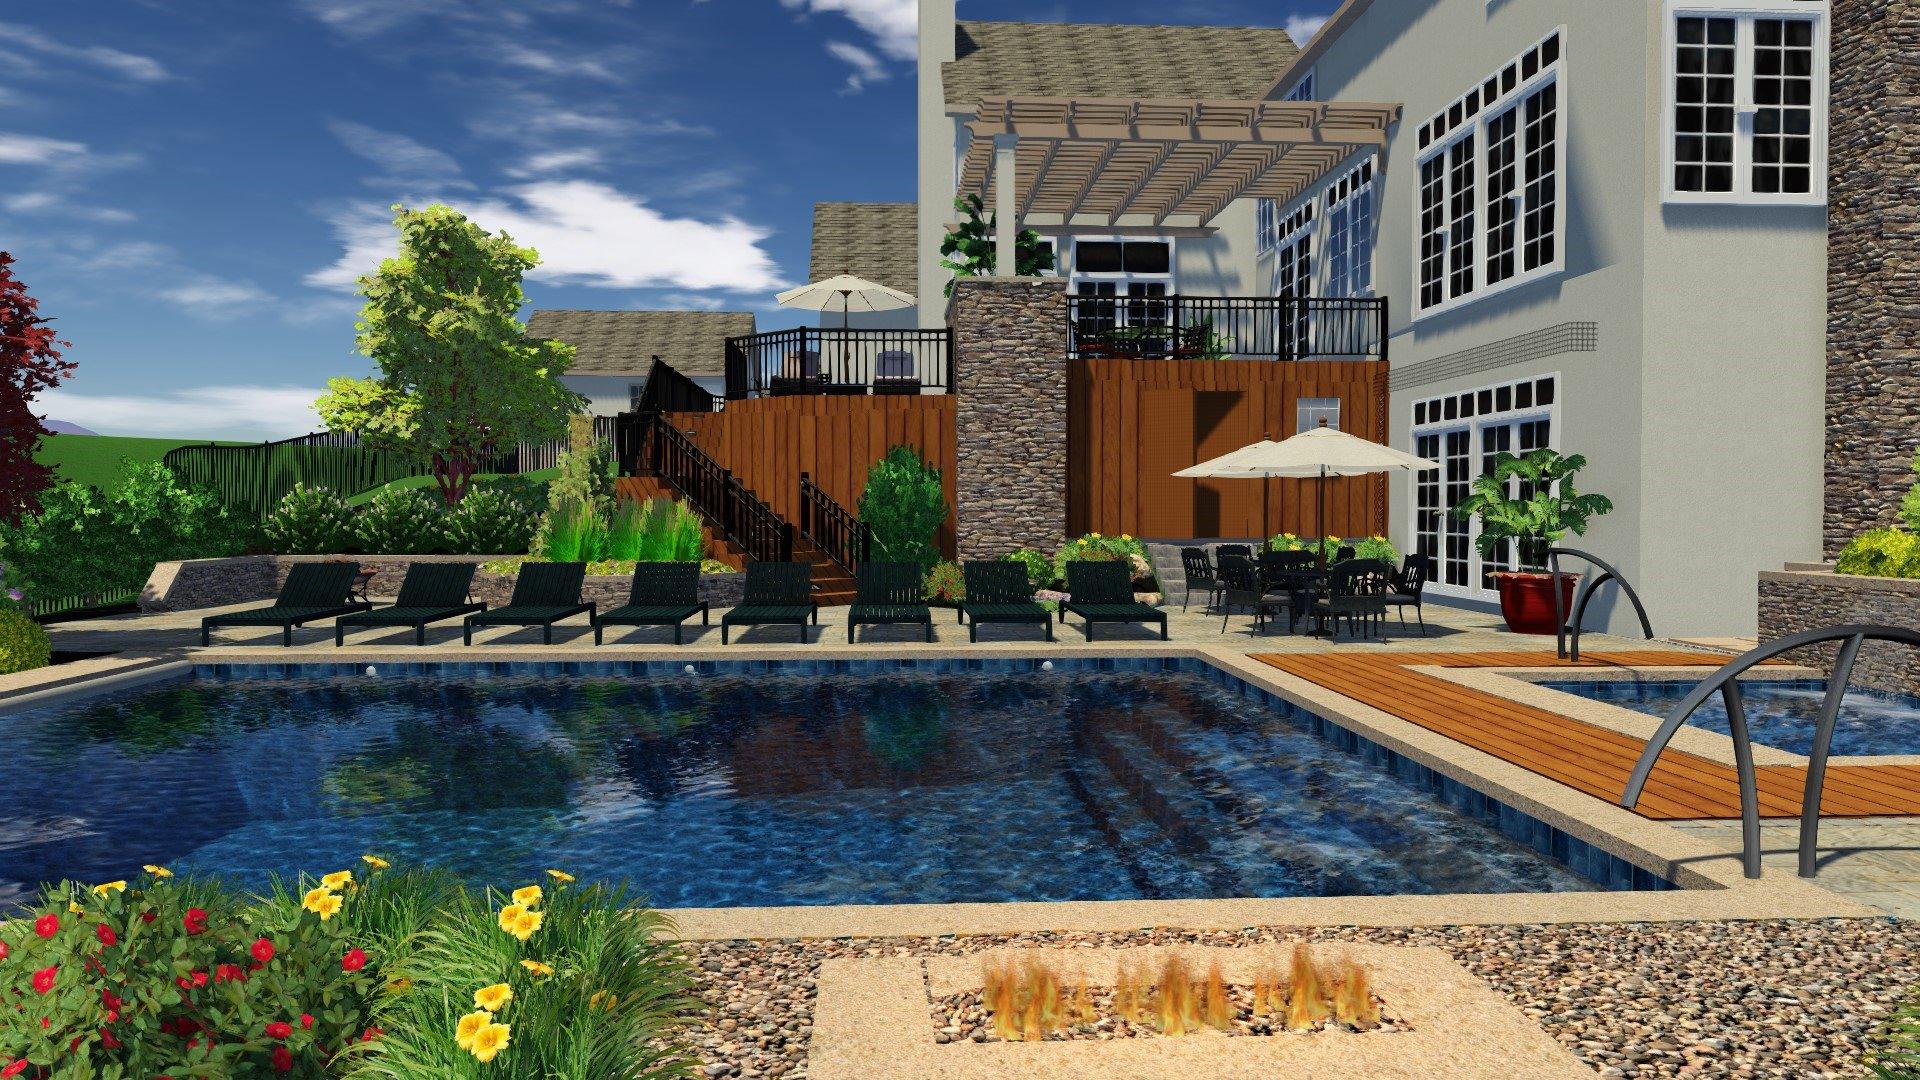 Kalimtzis Residence « MasterPLAN Outdoor Living on Masterplan Outdoor Living id=81421